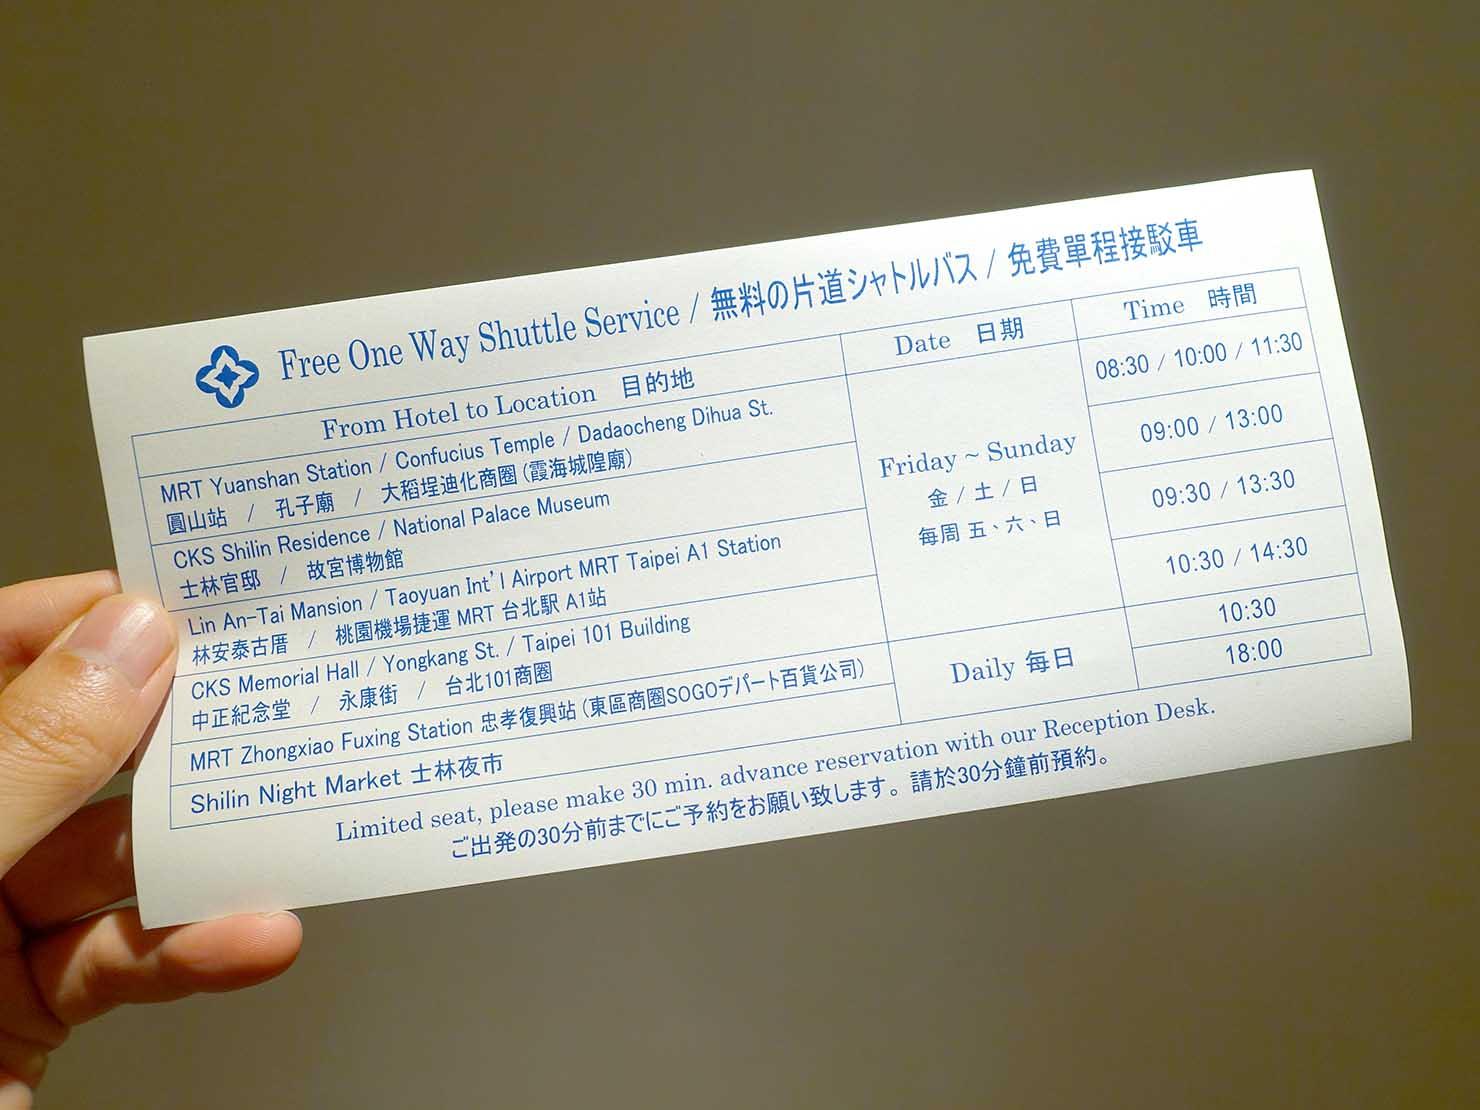 台北のおすすめ4つ星ホテル「歐華酒店(リビエラホテル)」の無料シャトルバス時刻表